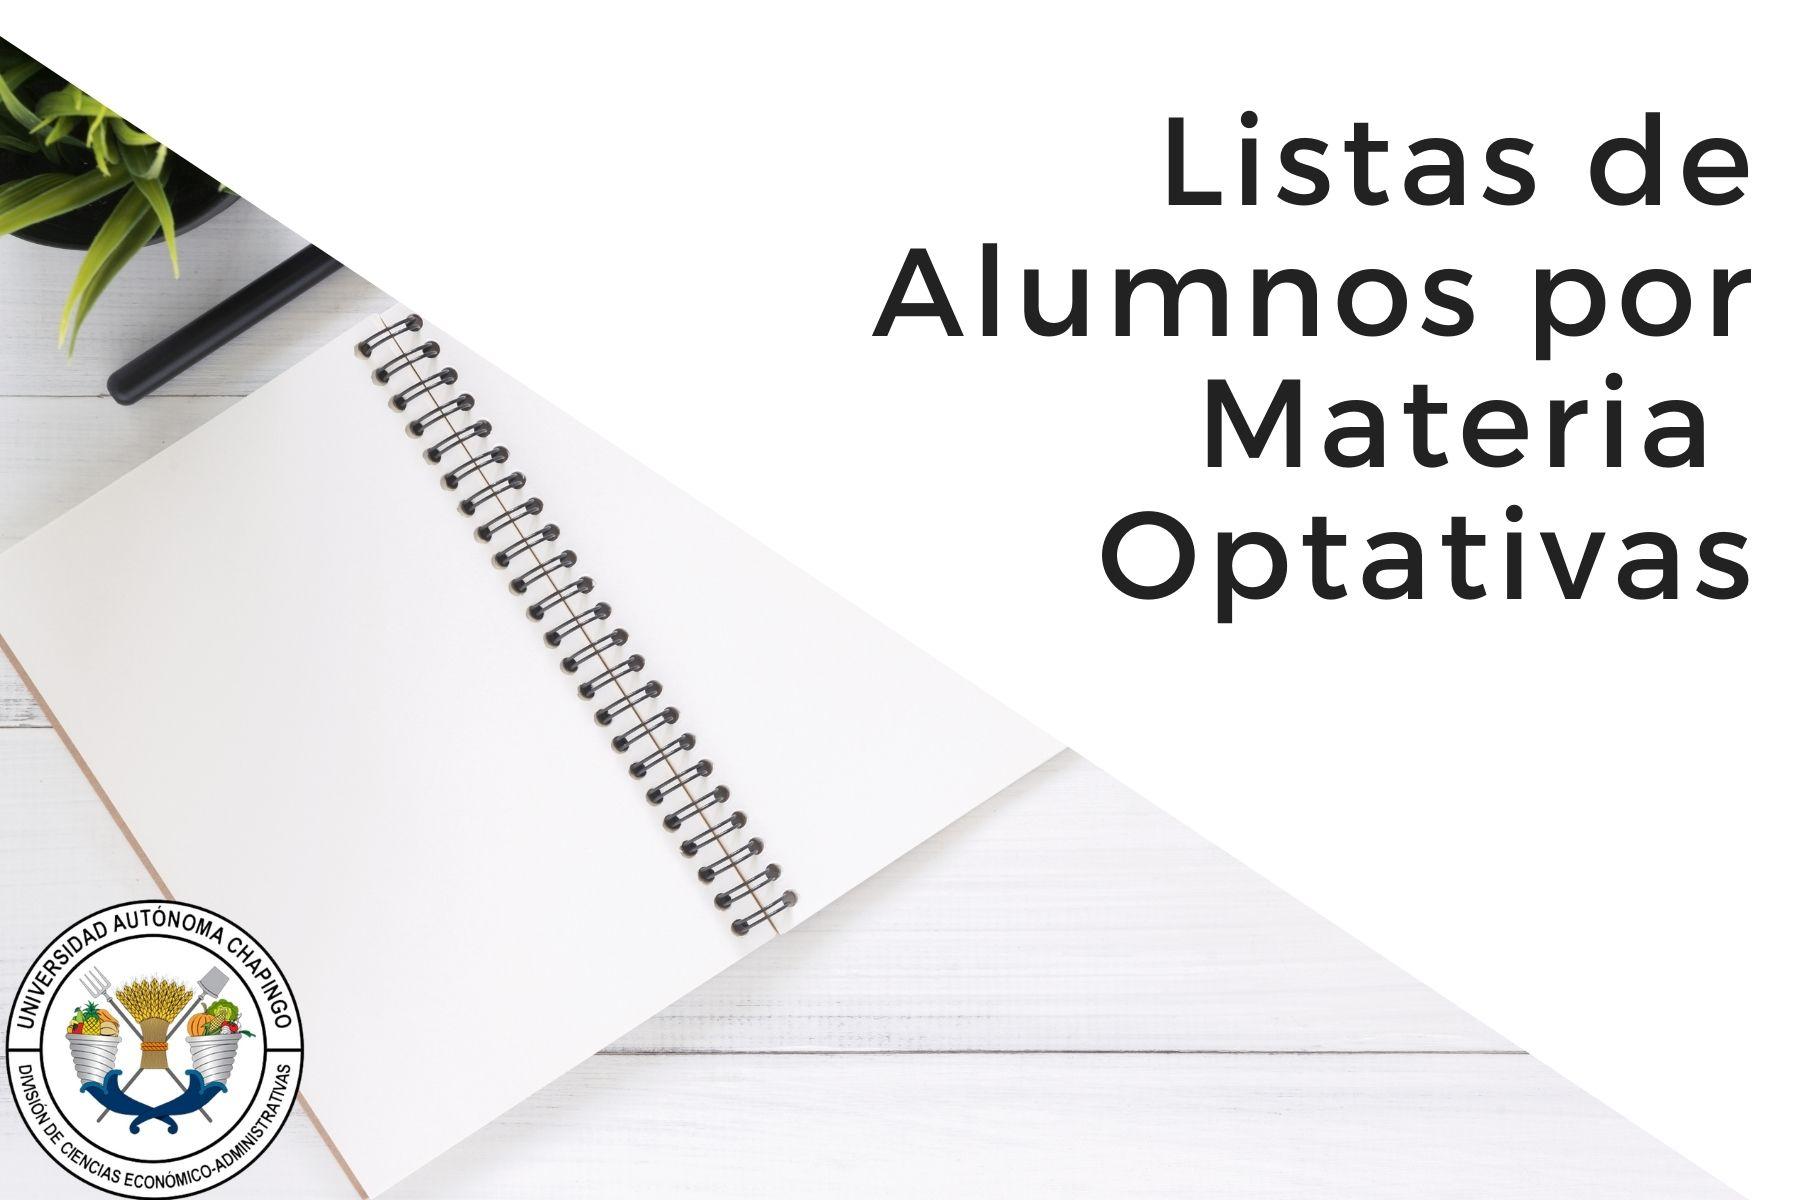 Listas de Alumnos por Materia Optativa